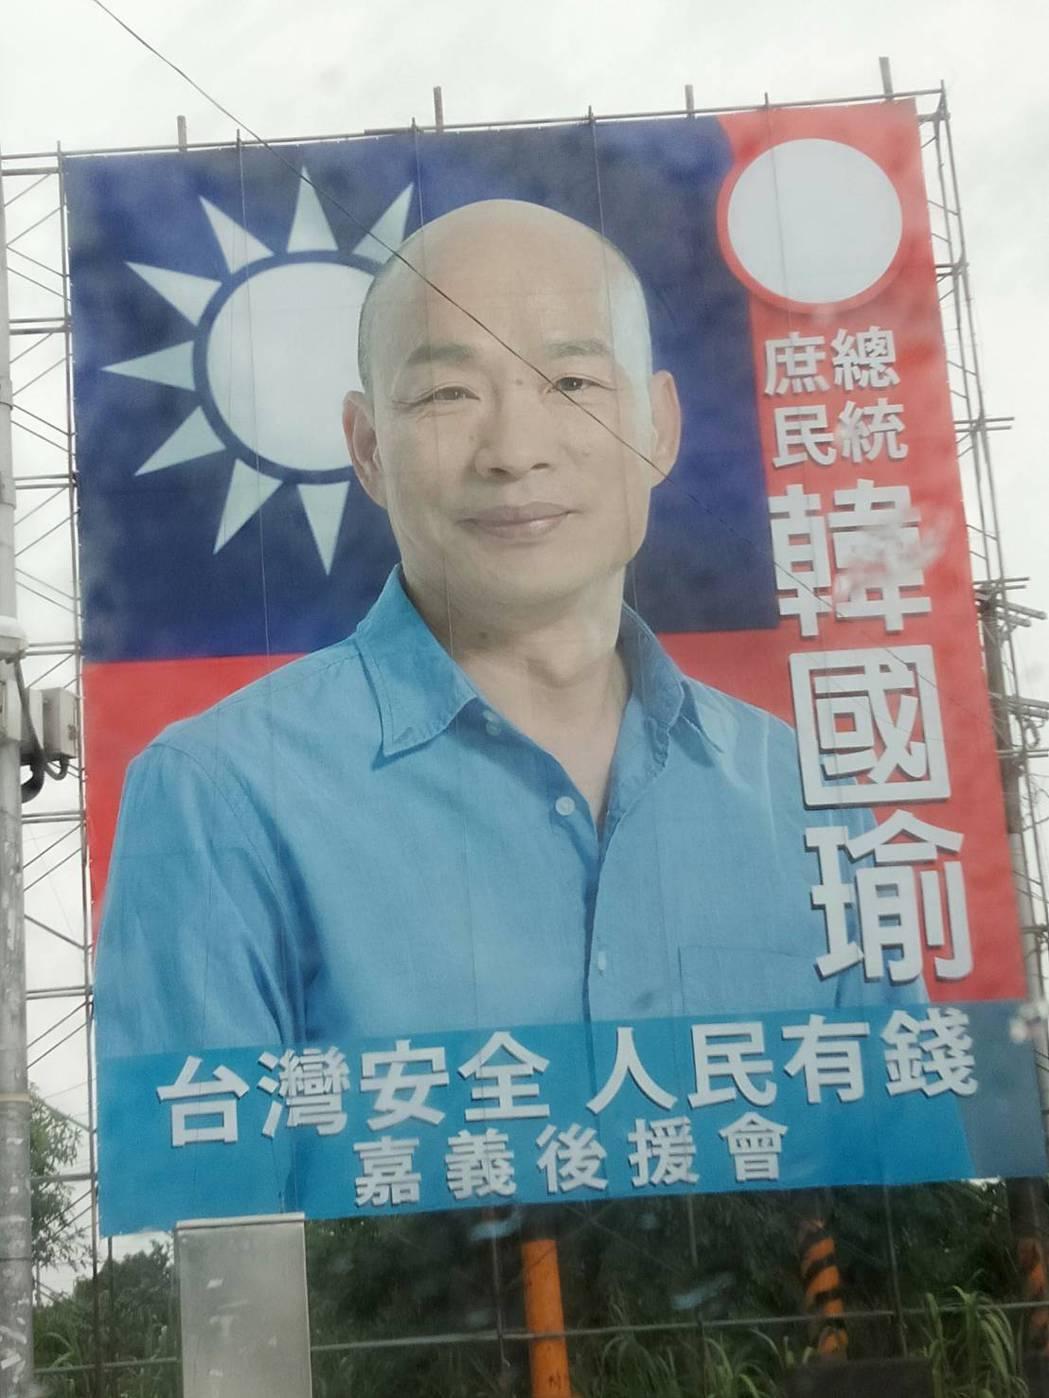 韓國瑜嘉義後援會最近在嘉義市豎立大型看板,為韓國瑜造勢。記者姜宜菁/攝影